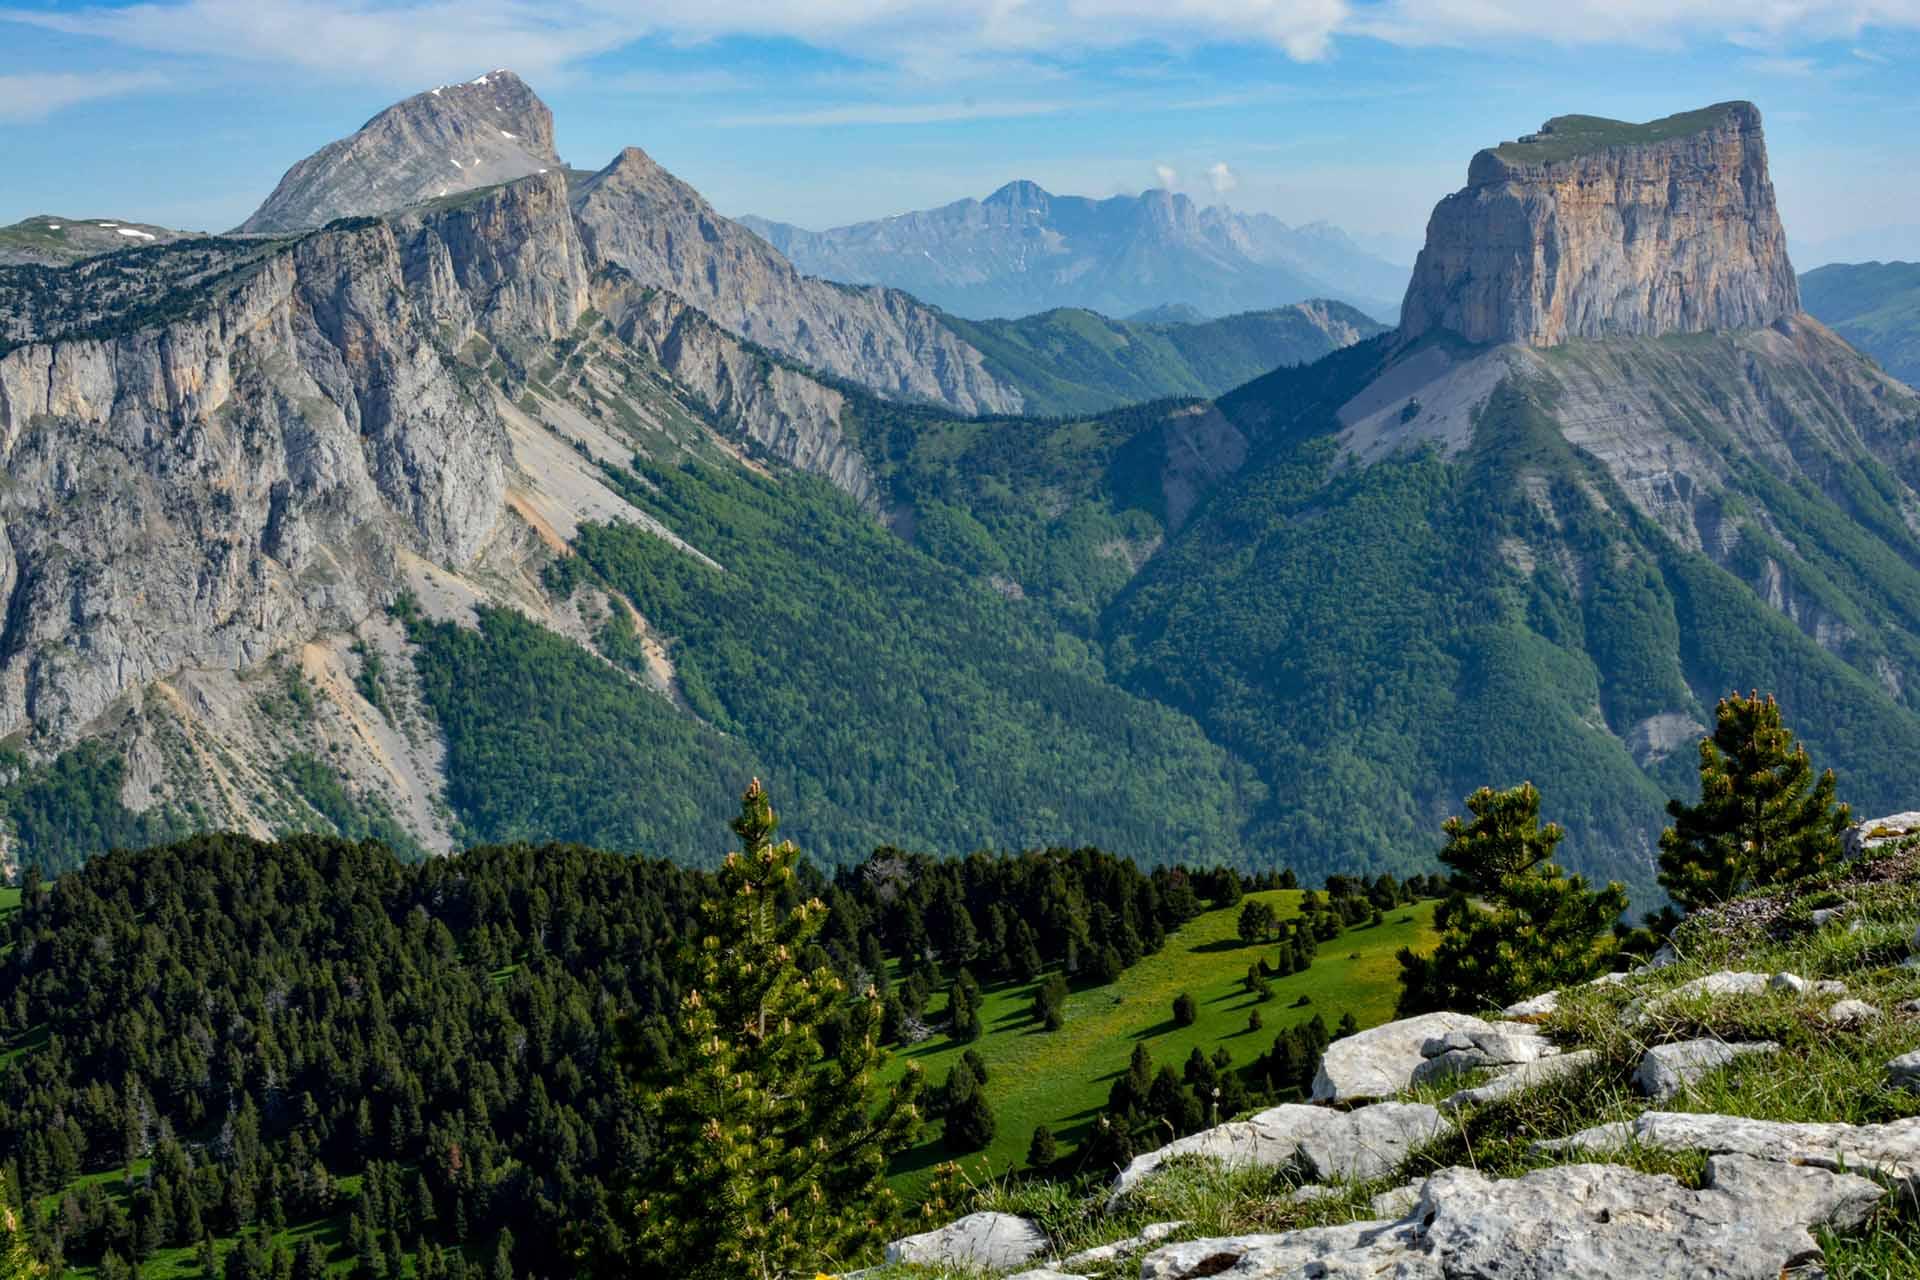 Slow Rando Sejour Liberte Decouverte Bivouac Hauts Plateaux Vercors Mont Aiguille Grand Veymont 2